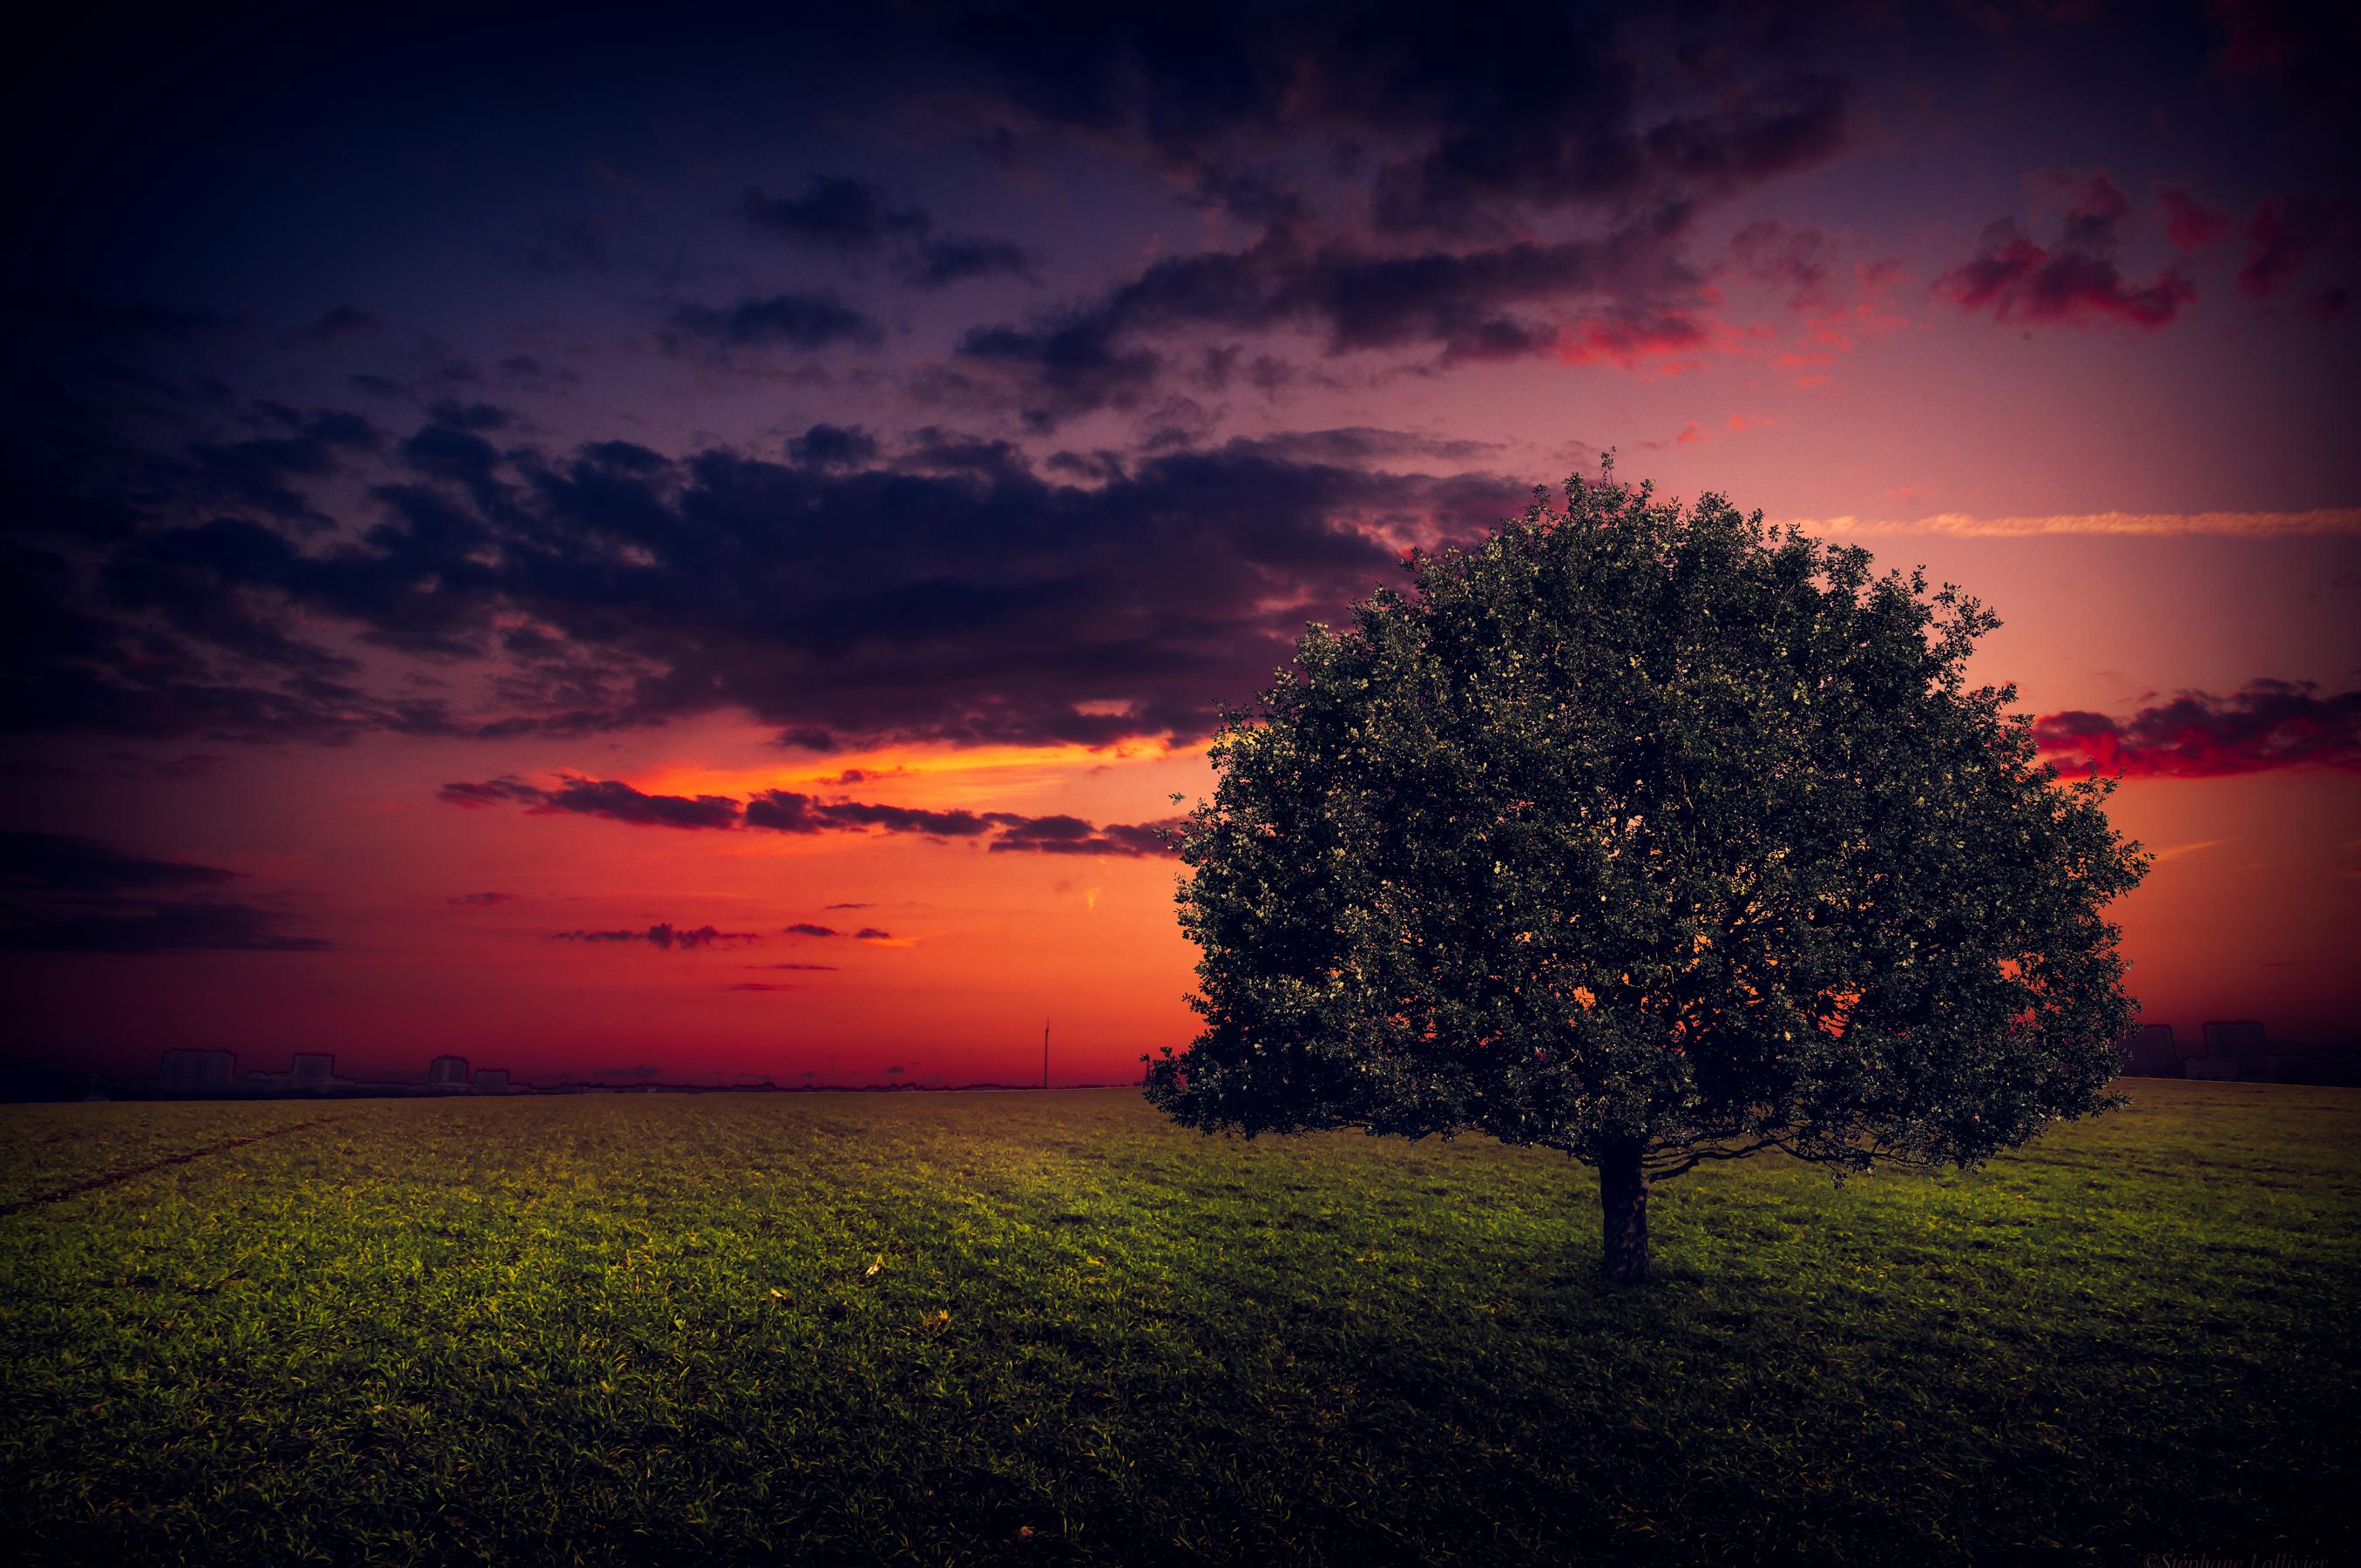 дерево поле небо закат бесплатно